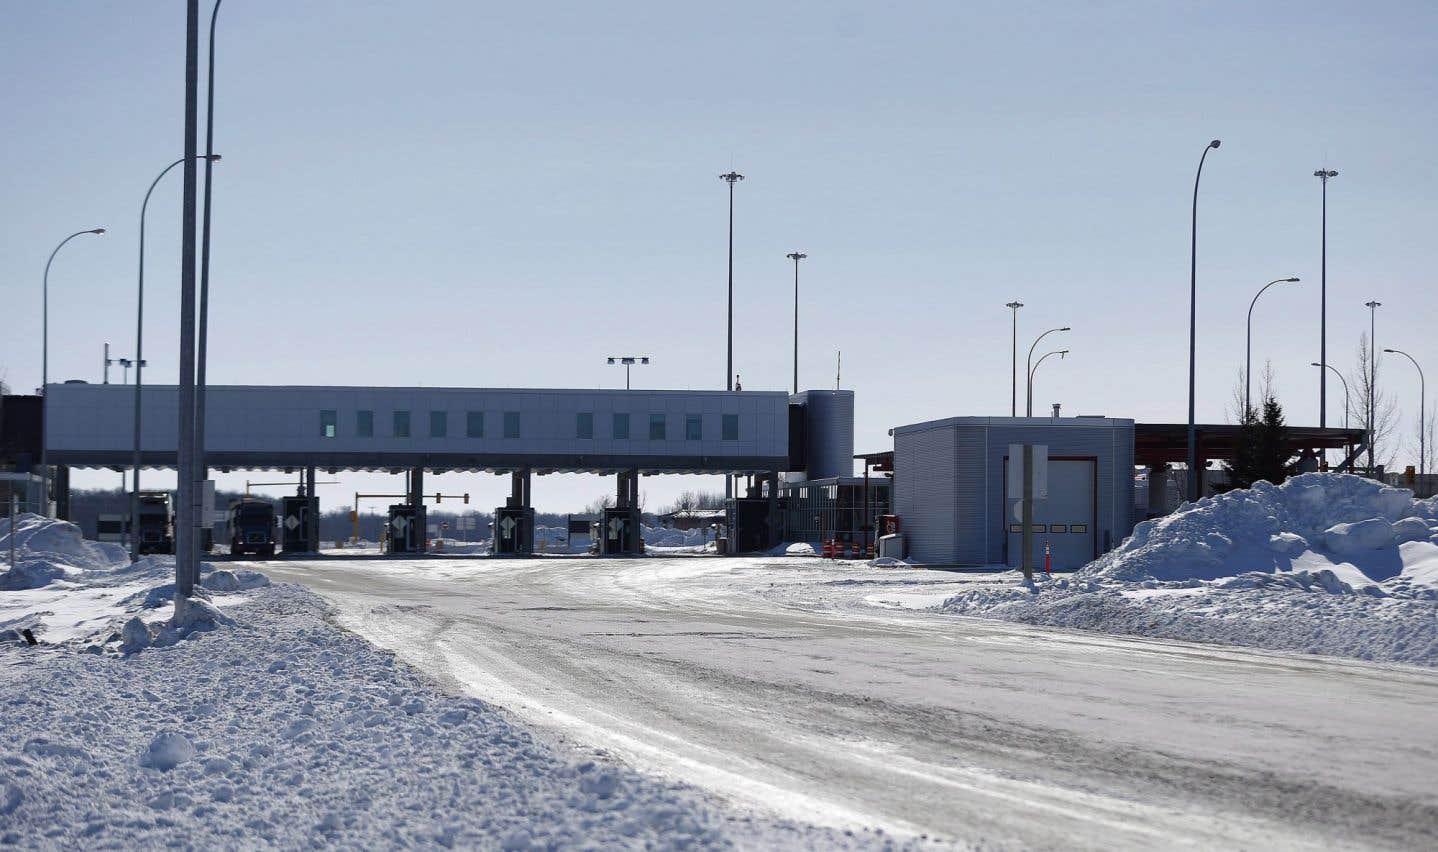 21 réfugiés ont tenté de franchir illégalement la frontière canado-américaine